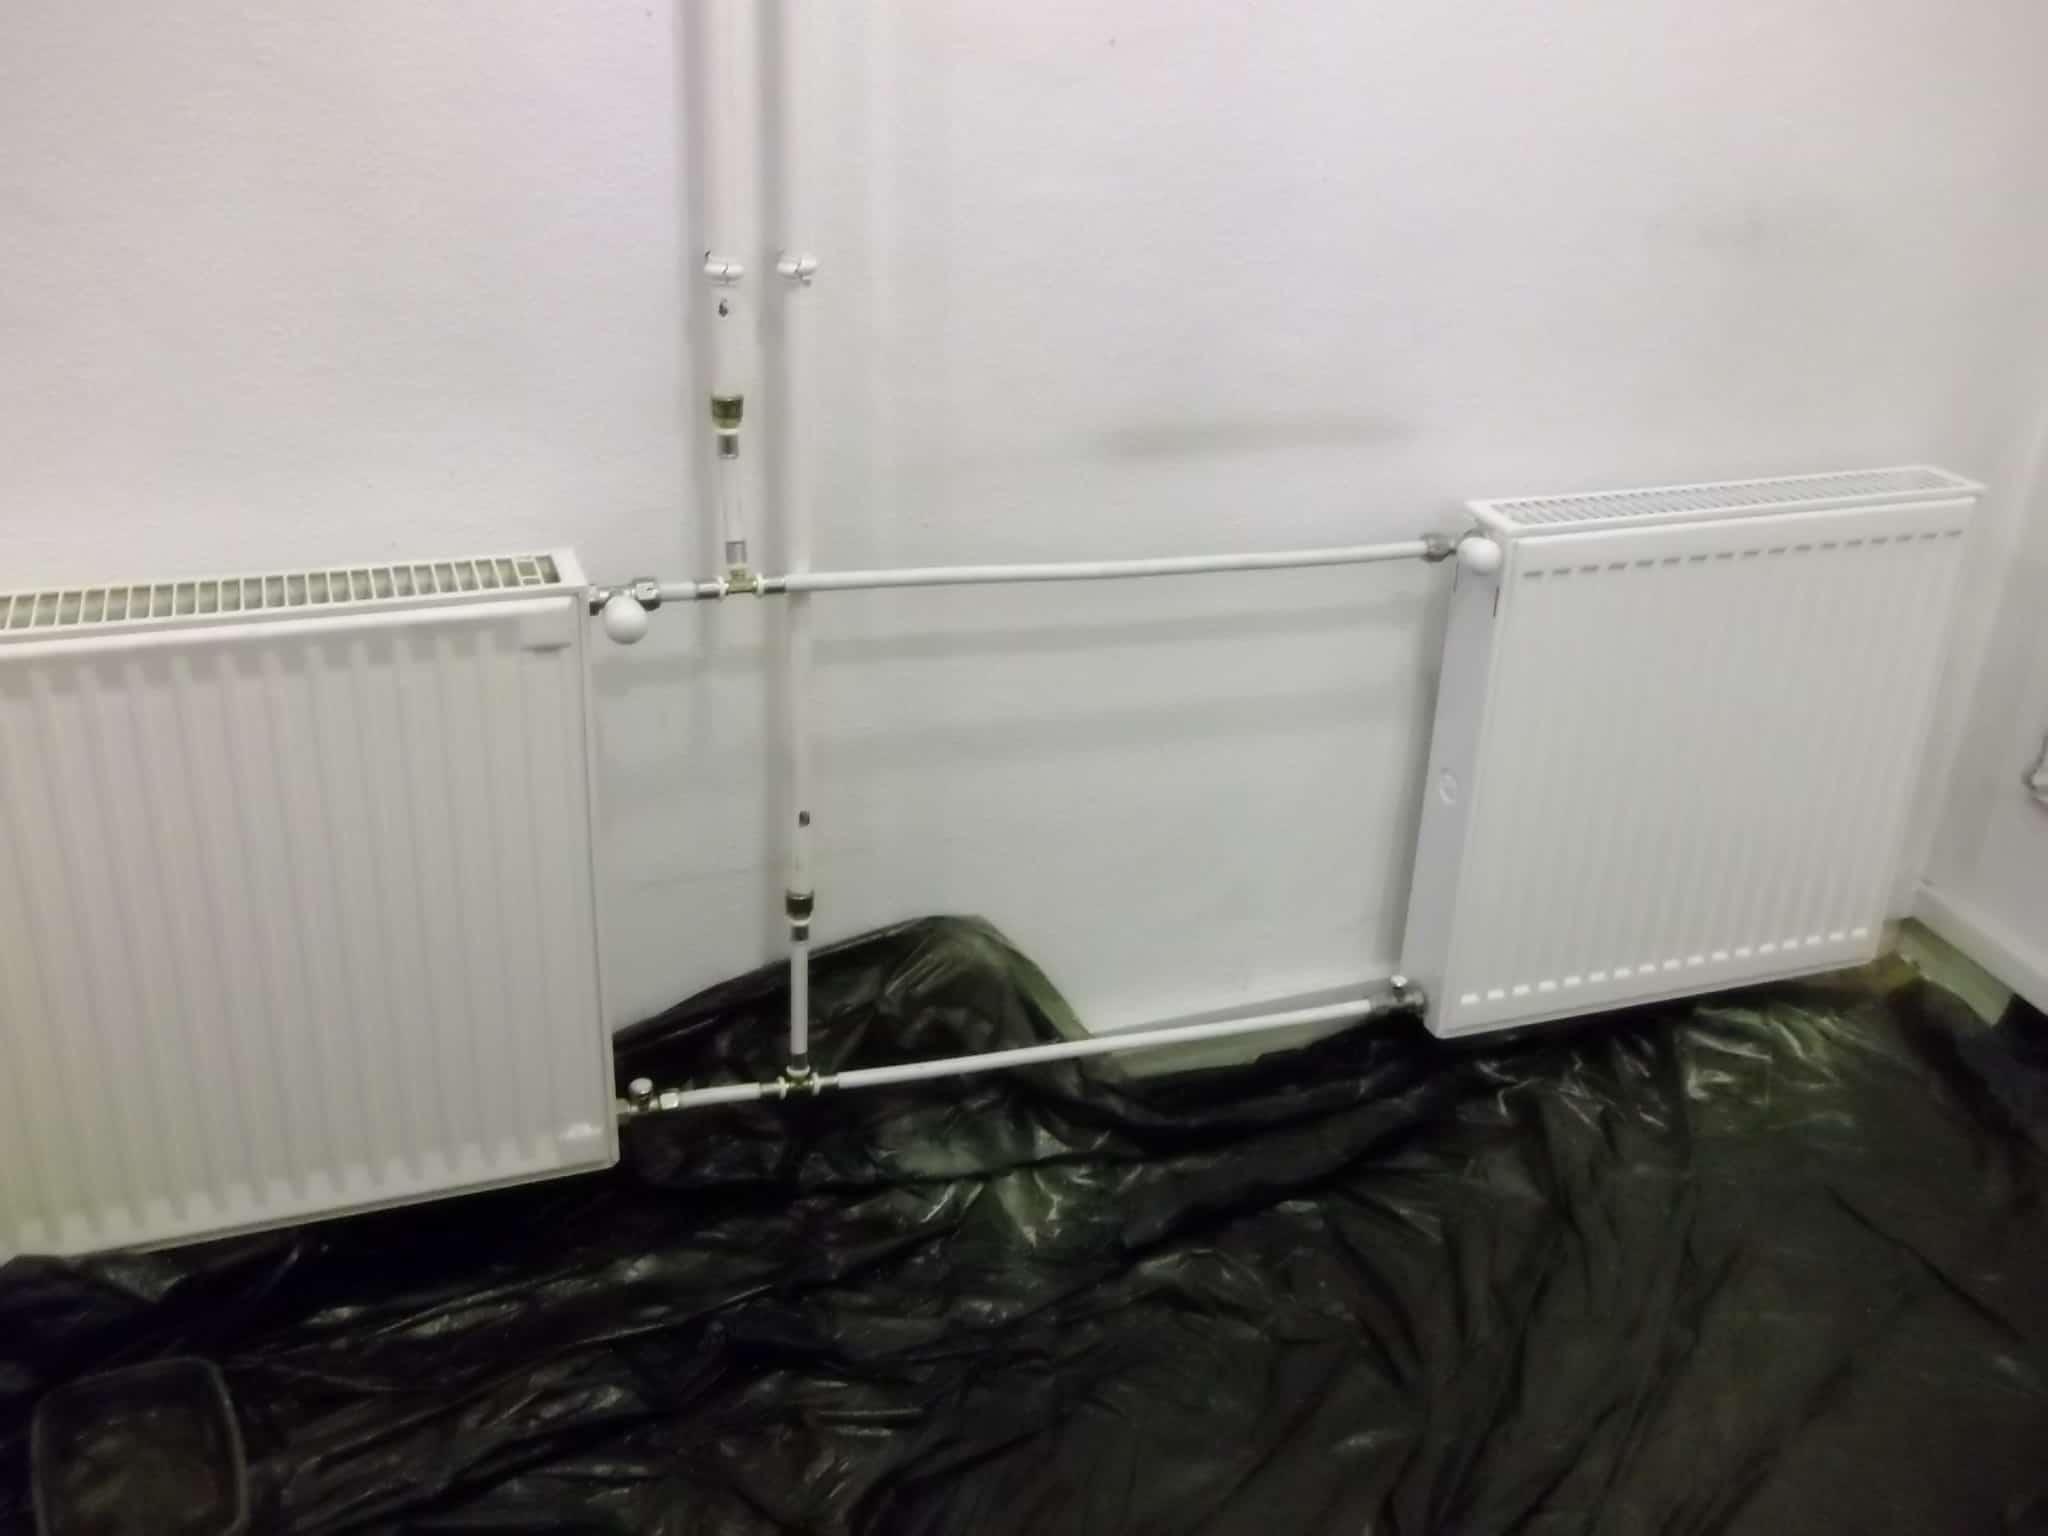 Aluminium radiátor kilyukad